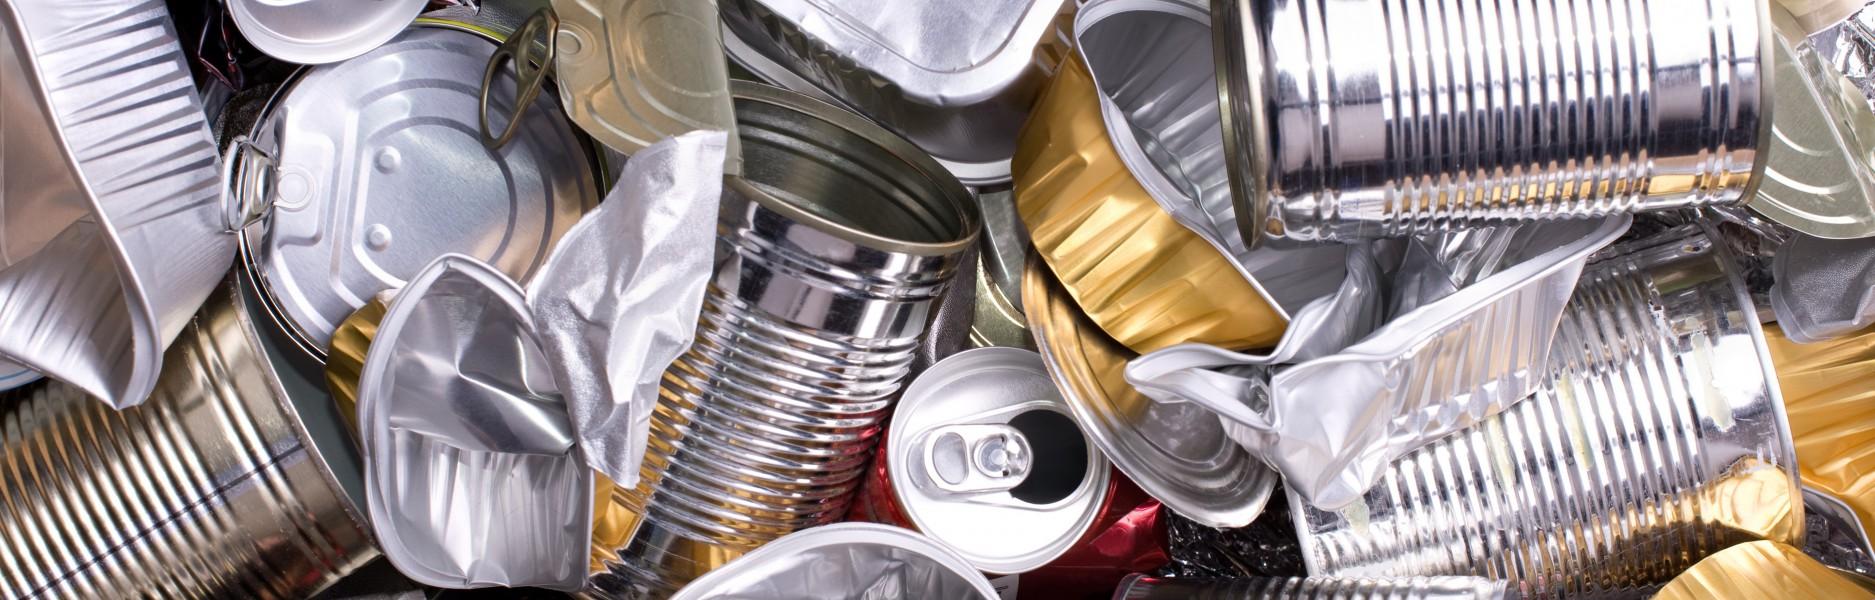 Установлены ставки экологического сбора для каждой группы товаров